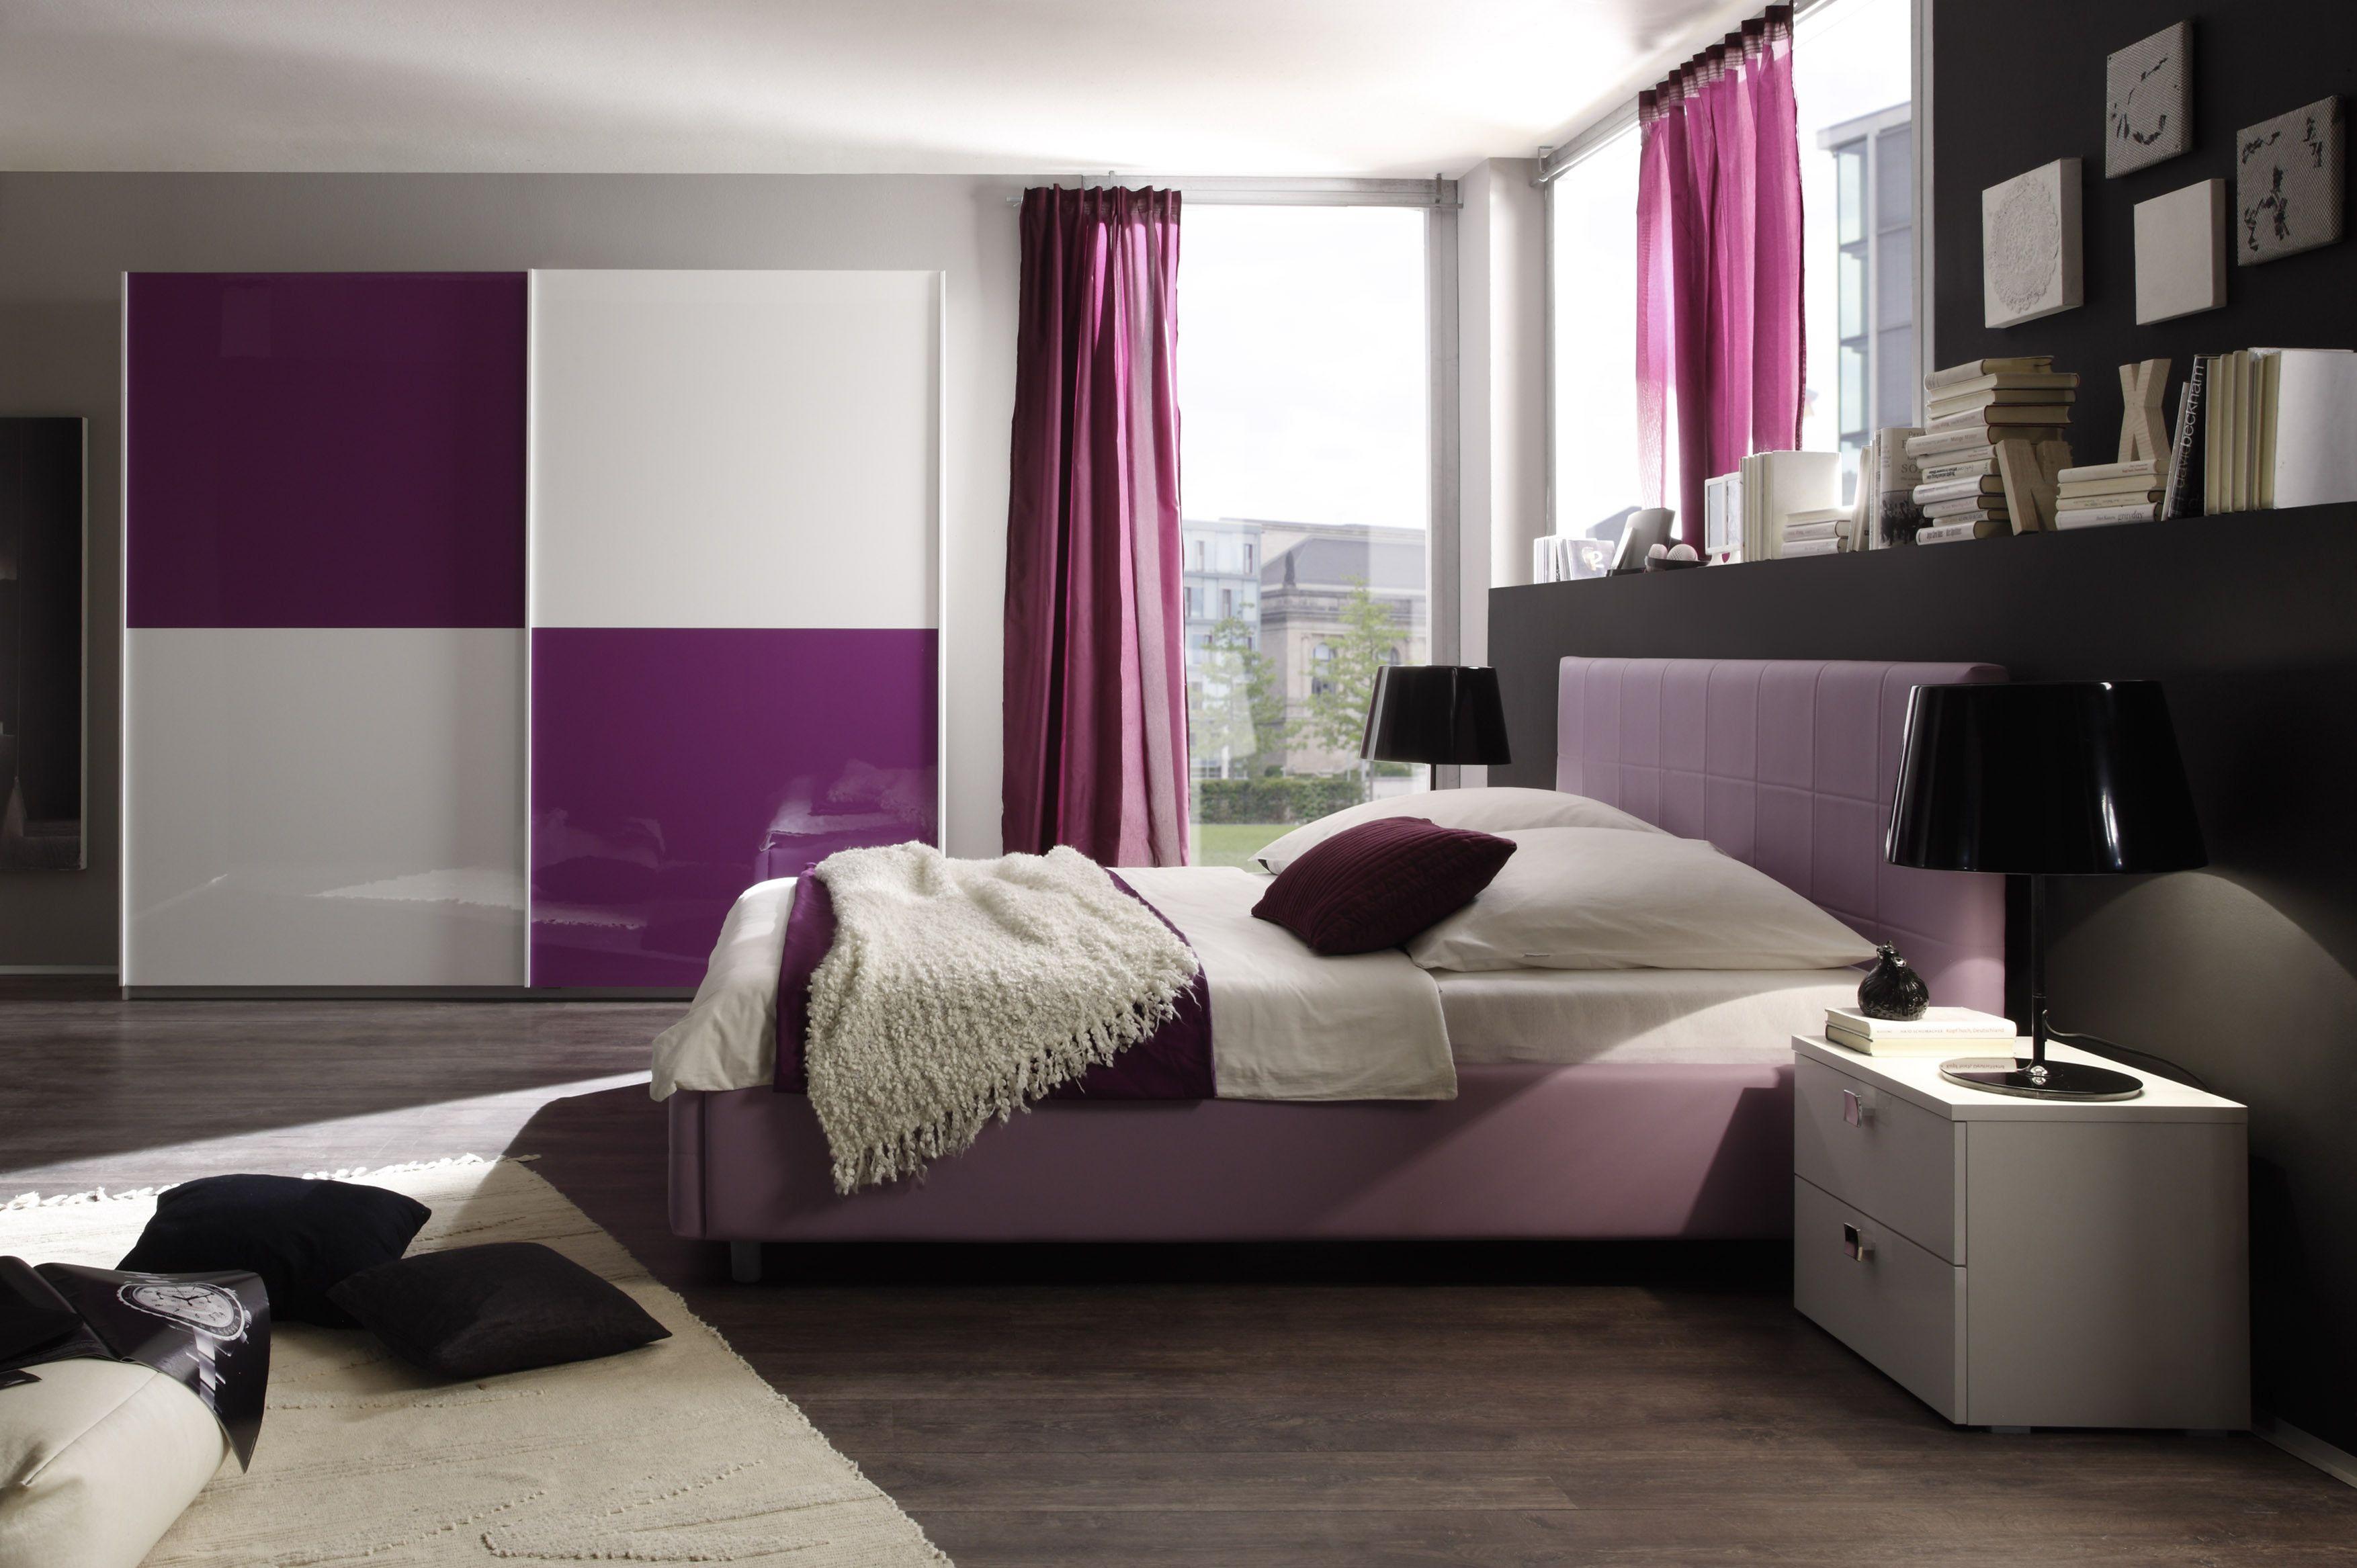 Schlafzimmer Mit Bett 140 X 200 Cm Weiss Lila Woody 12 00599